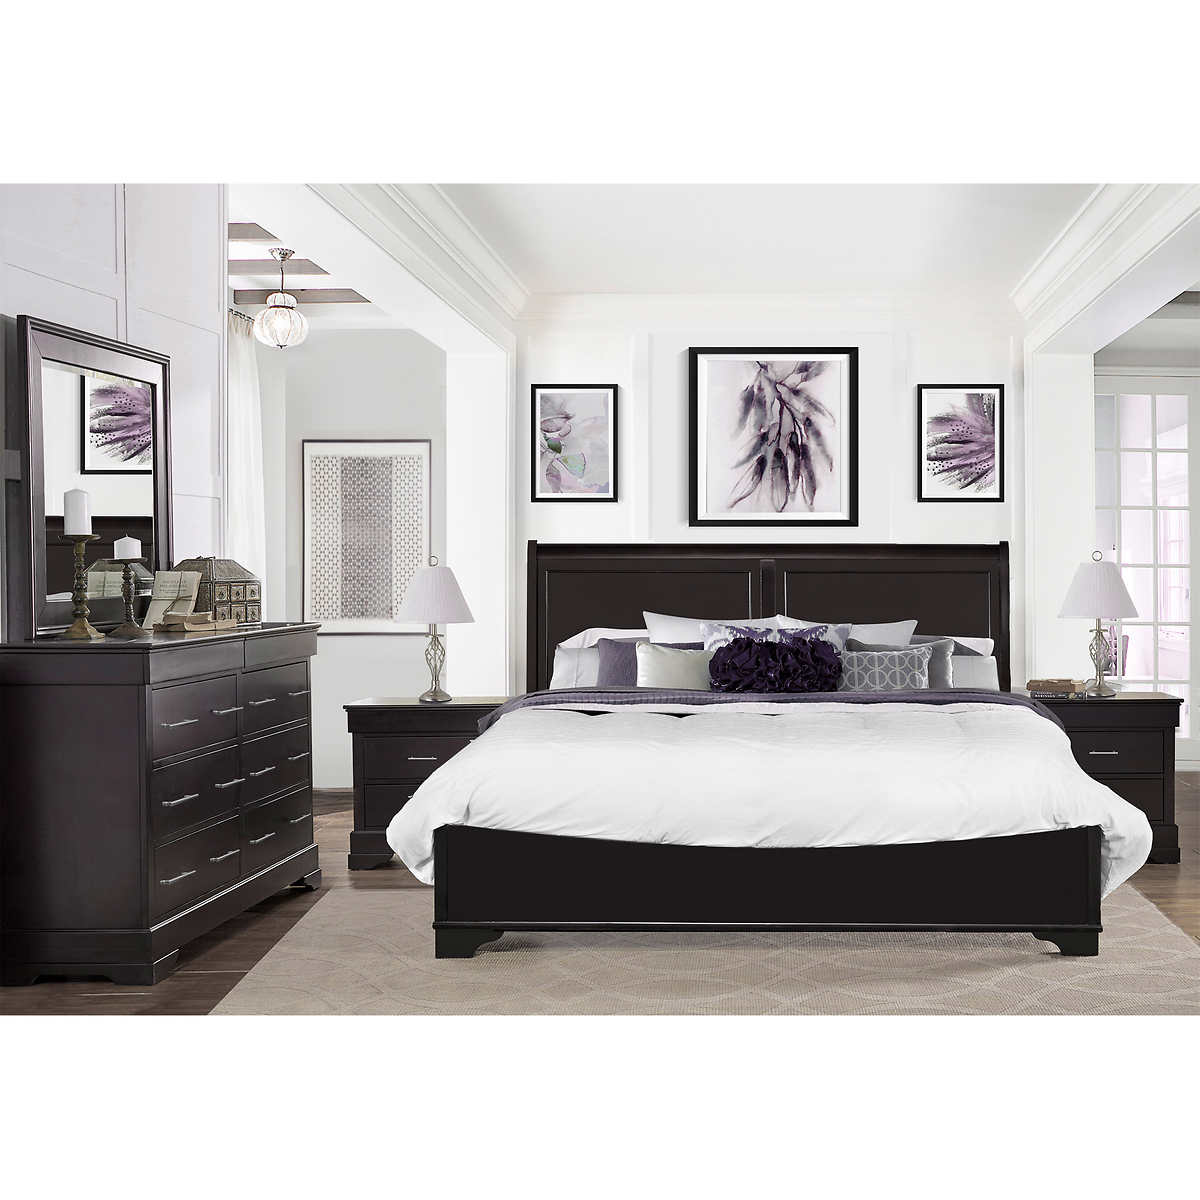 Caprice 5 Piece Queen Bedroom Set Item 654330 Click To Zoom